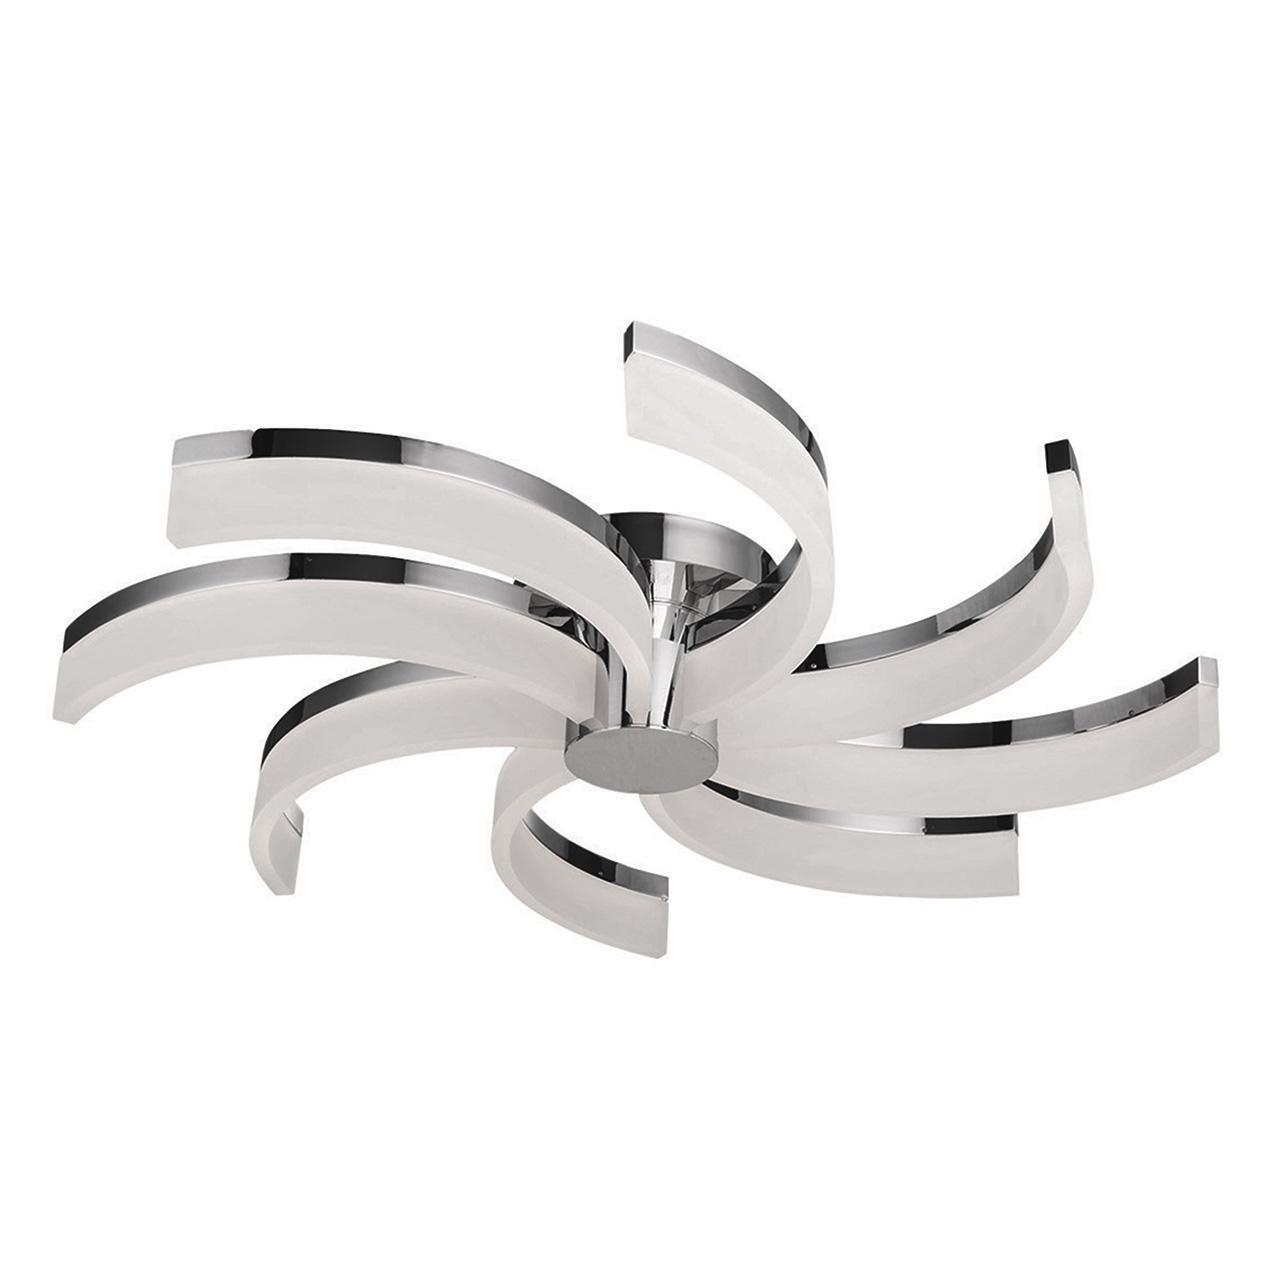 Потолочная светодиодная люстра Kink Light Фейерверк 08009 цена